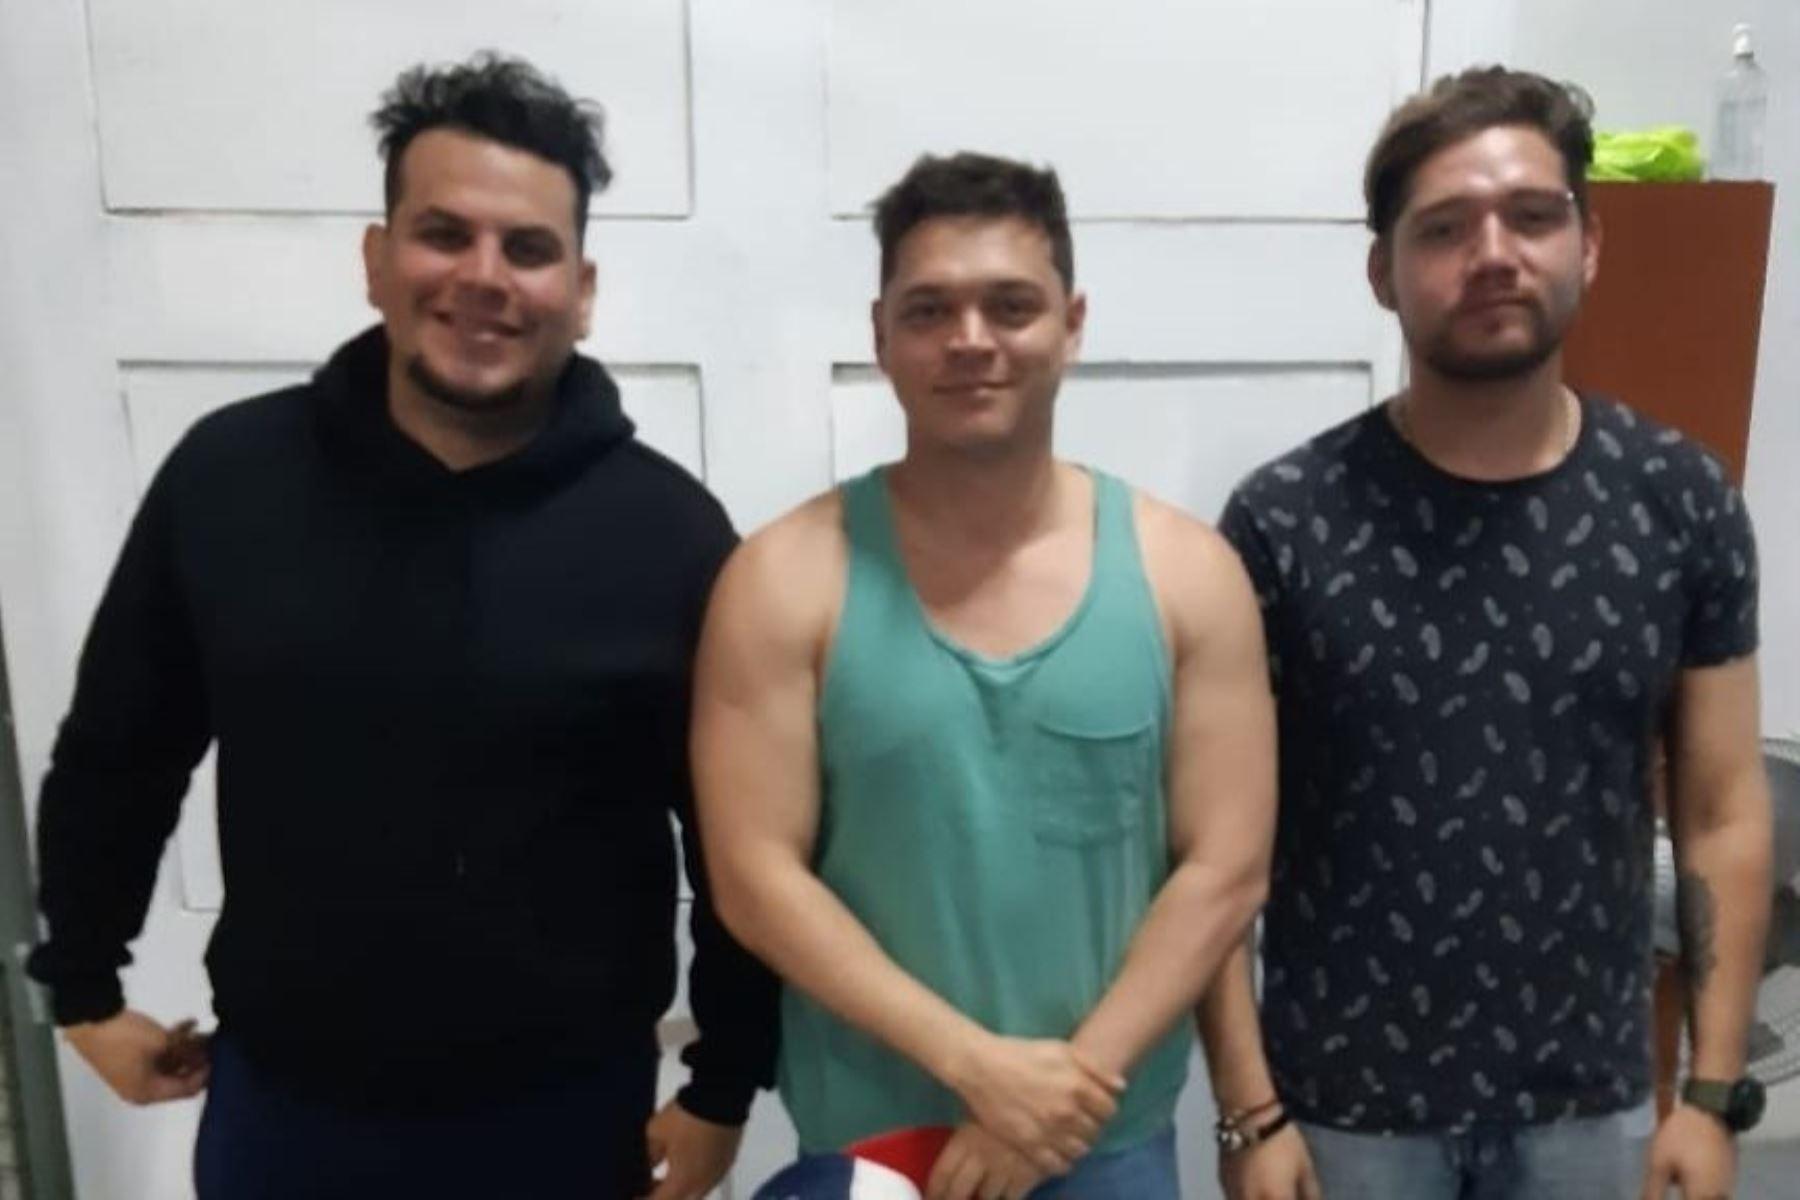 Perú expulsa a tres integrantes del grupo Los Adolescentes por ingreso ilegal